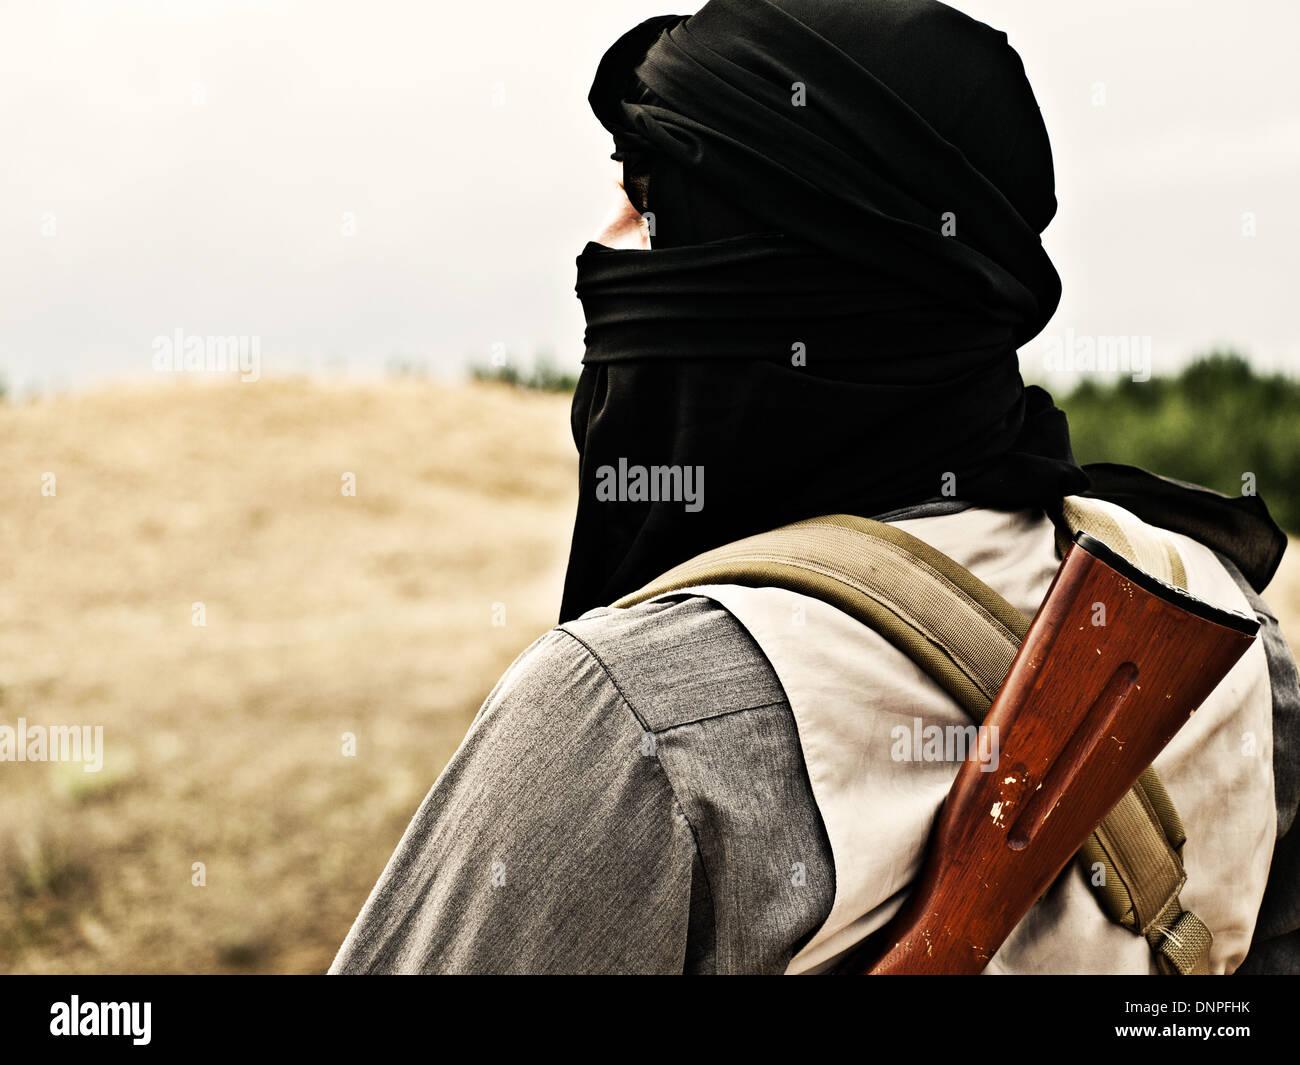 Muslim rebel Stock Photo